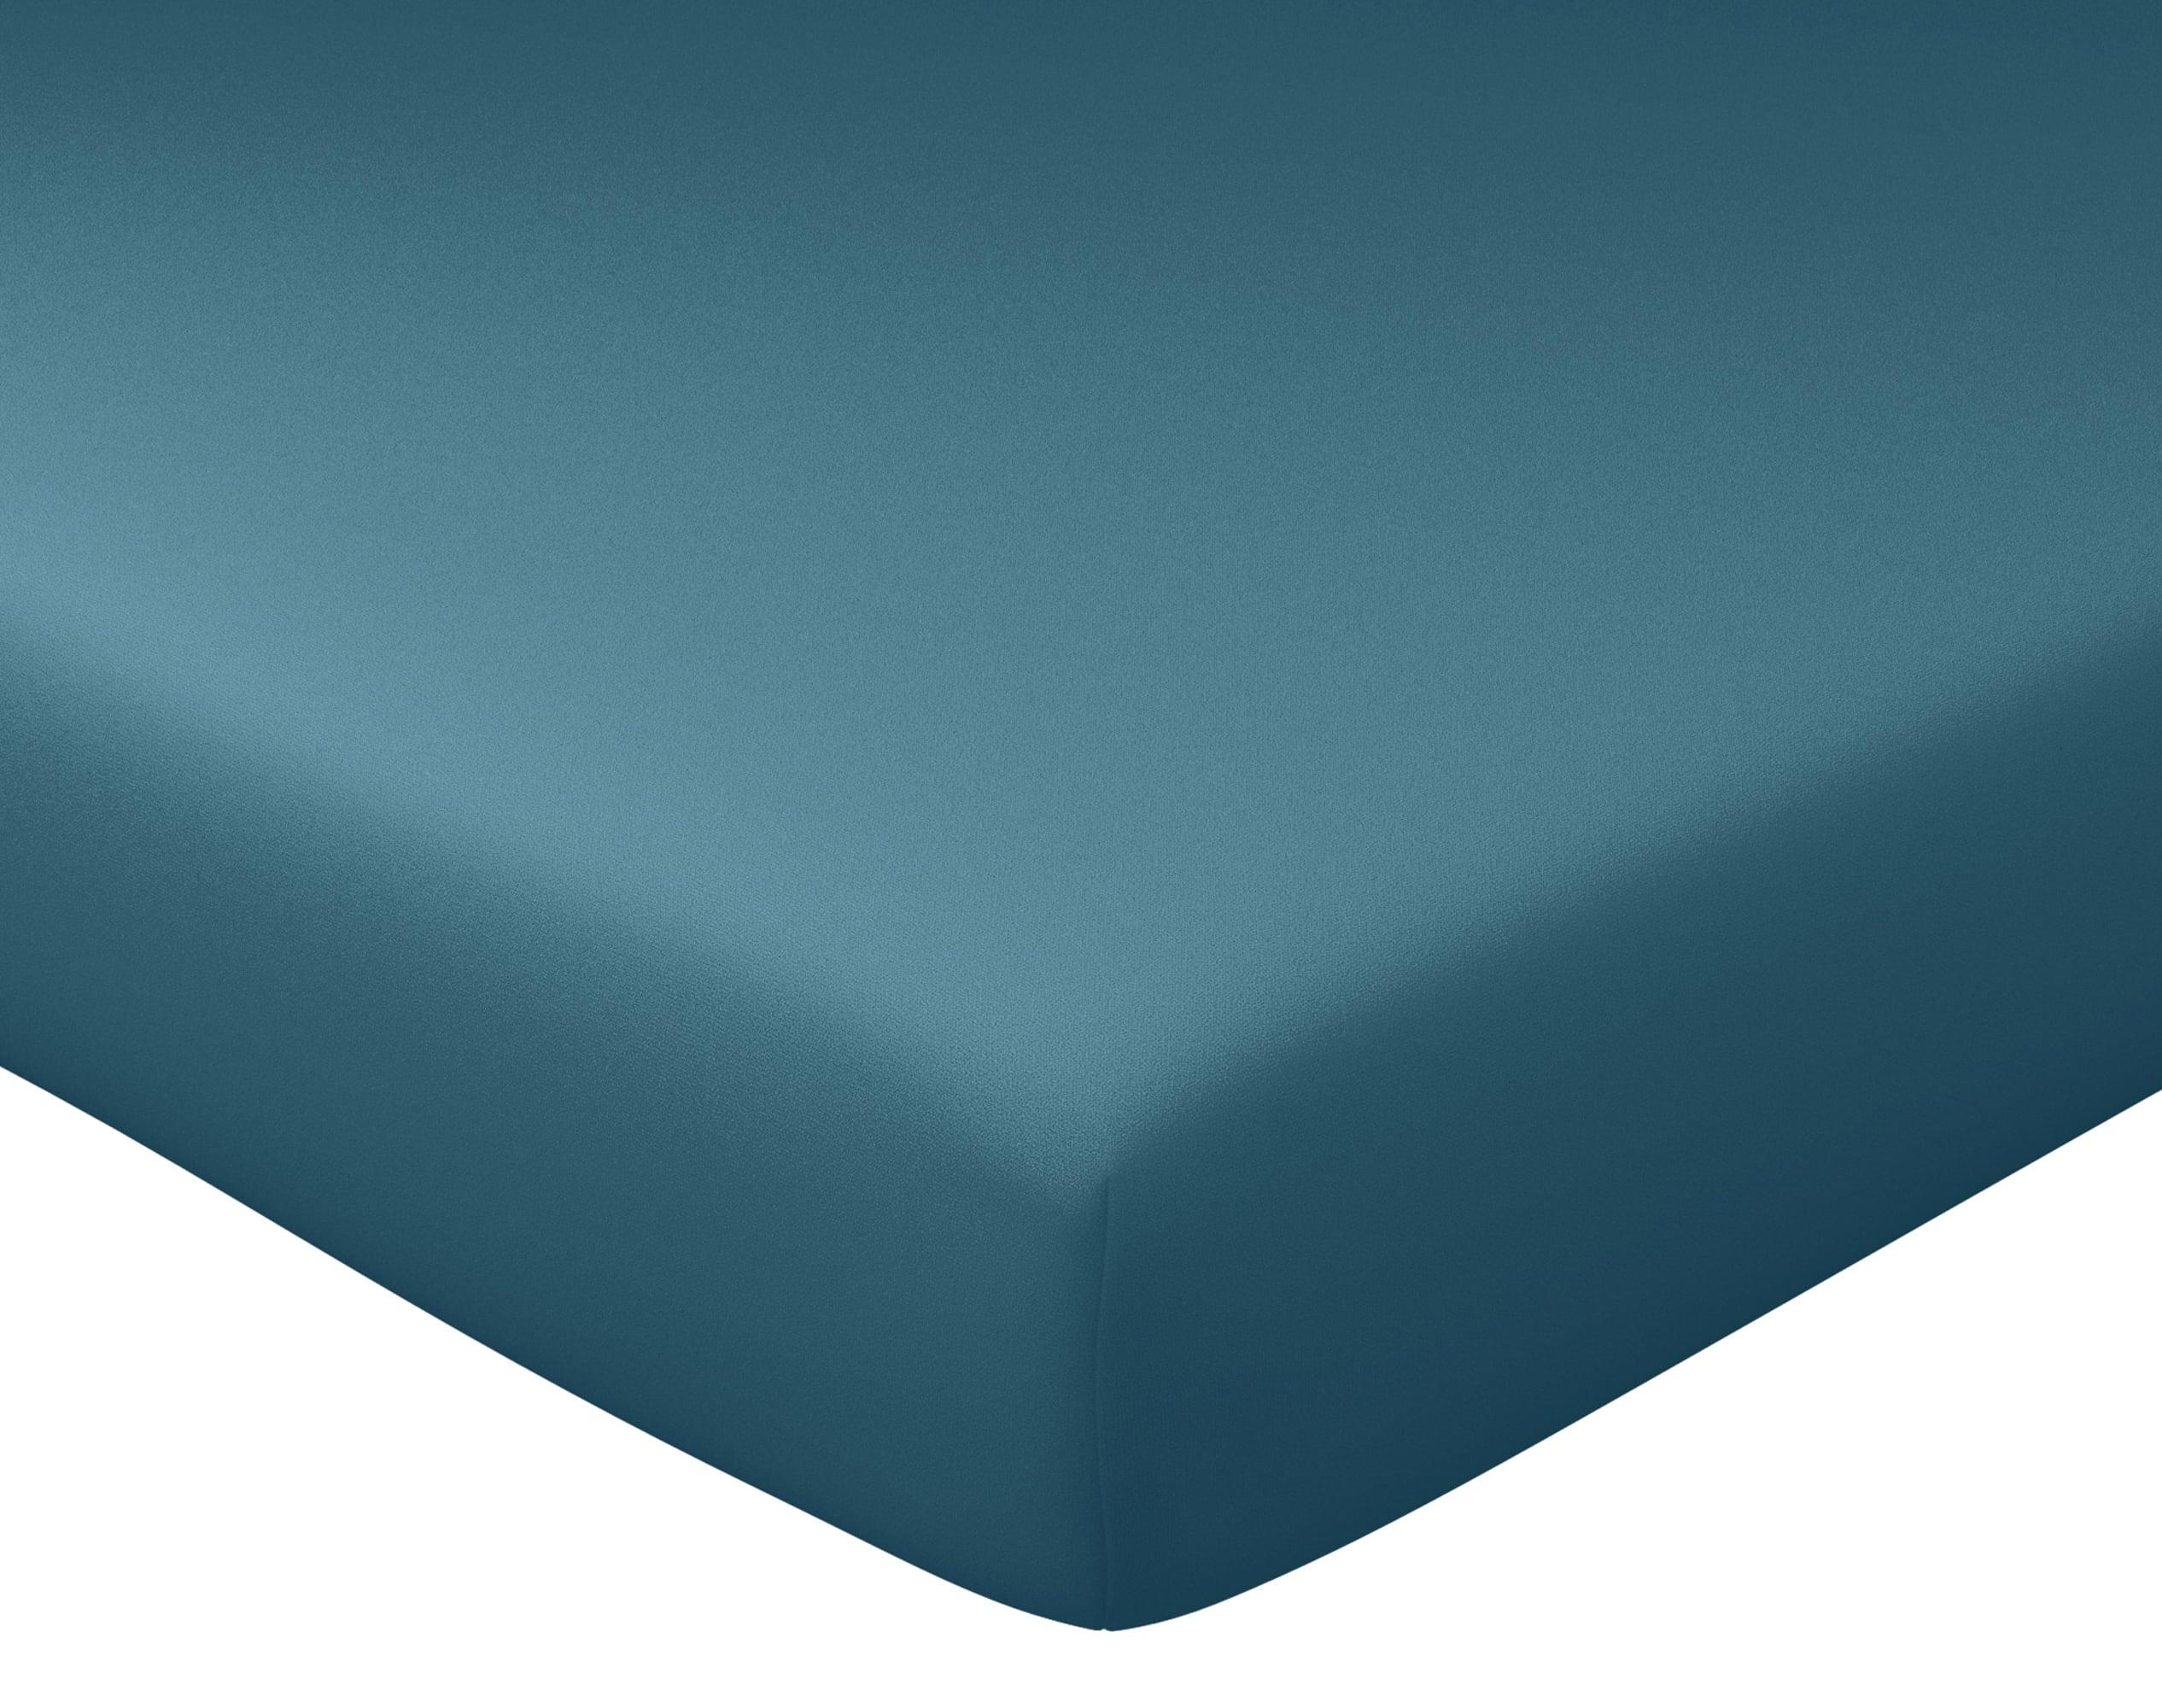 Drap-housse 140x190 en percale de coton  bleu canard